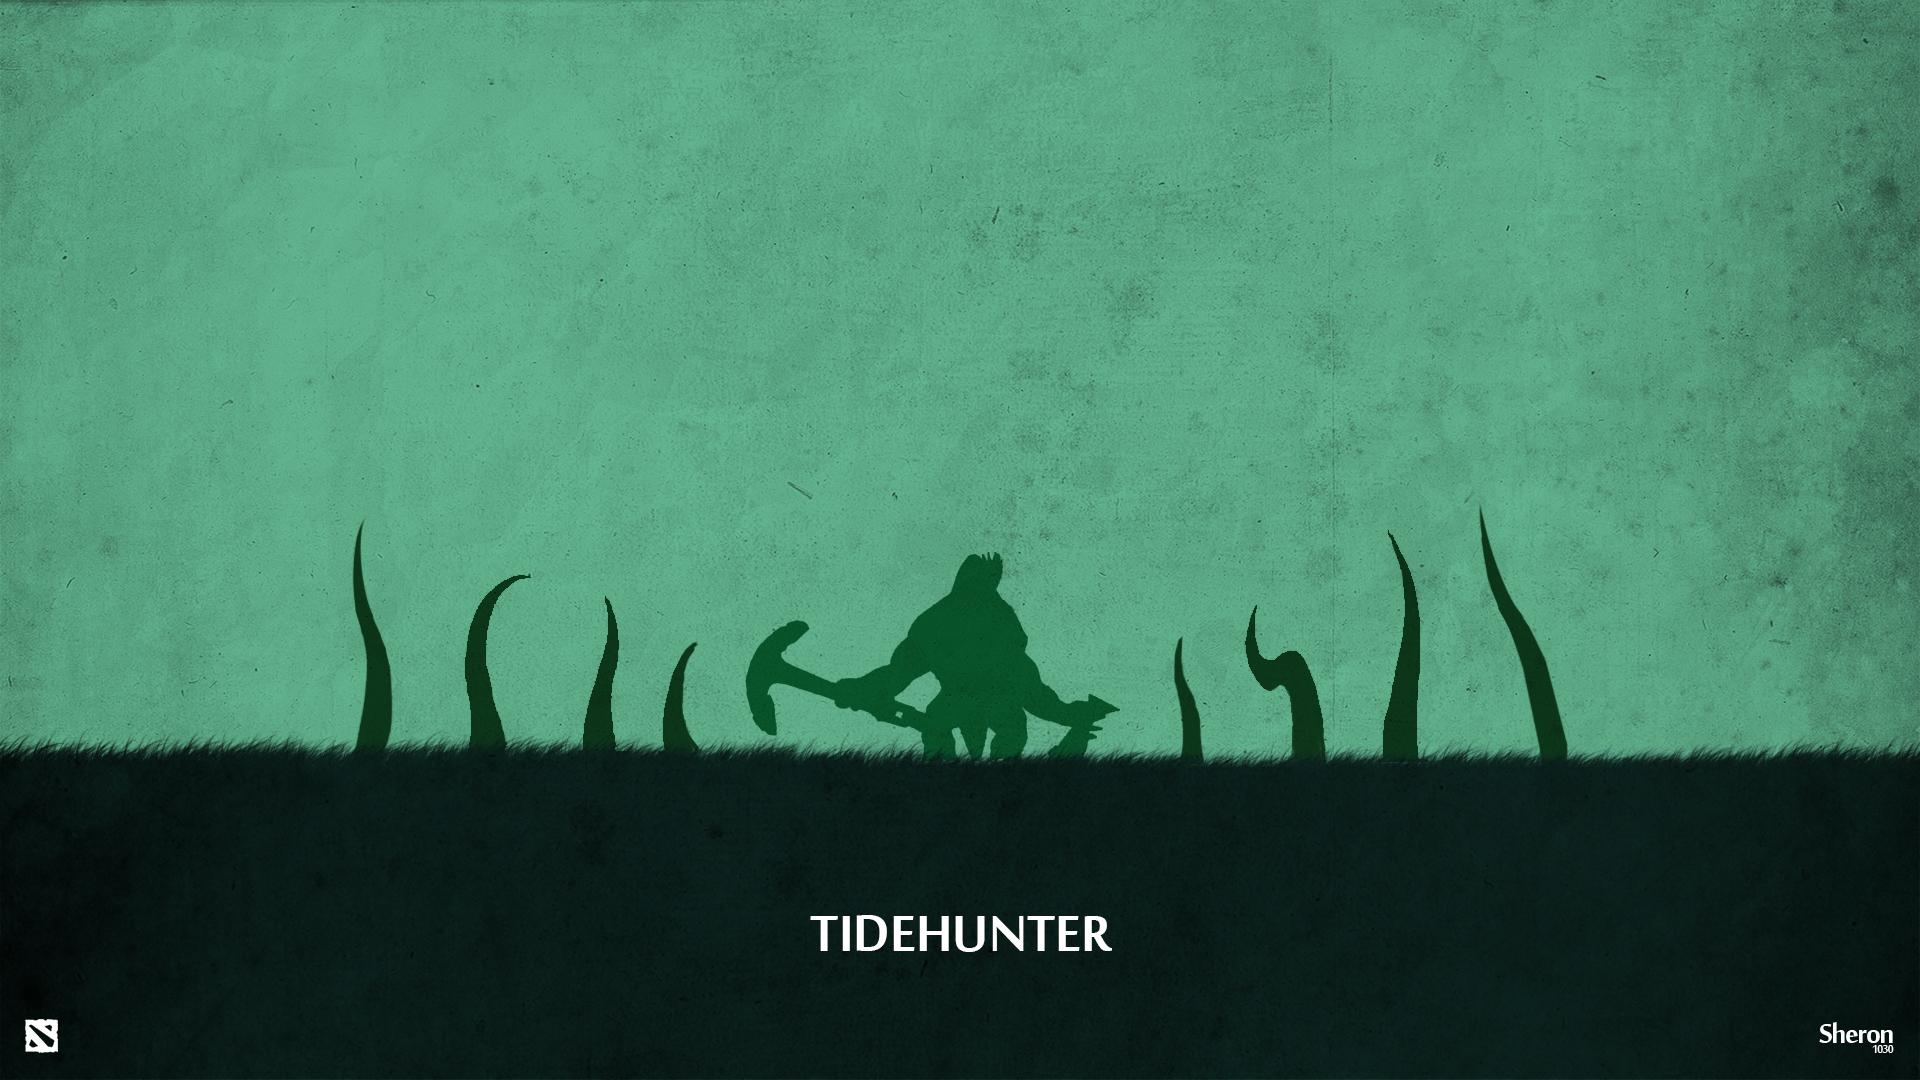 Tidehunter HD Wallpaper 1920x1080 ID56920   WallpaperVortexcom 1920x1080